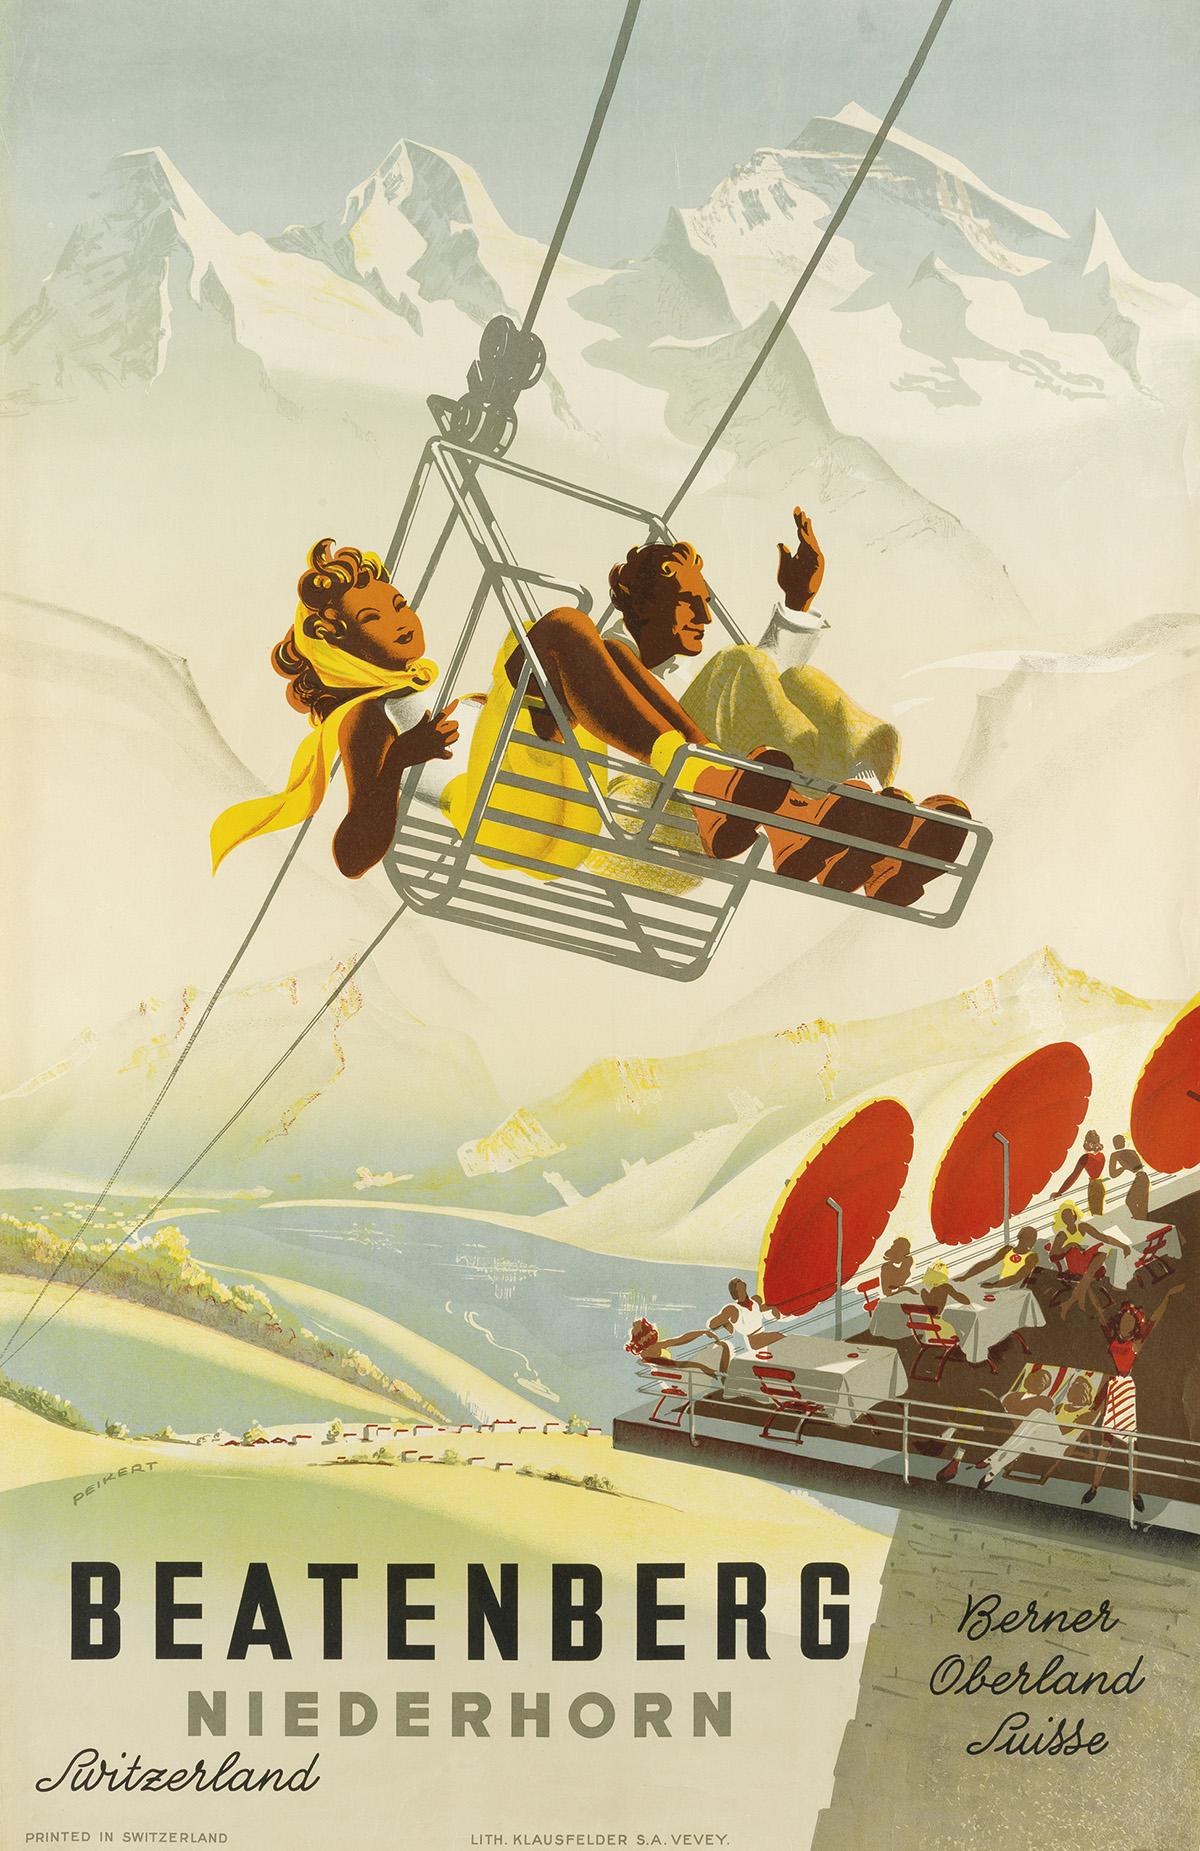 MARTIN-PEIKERT-(1901-1975)-BEATENBERG-NIEDERHORN-1945-39x25-